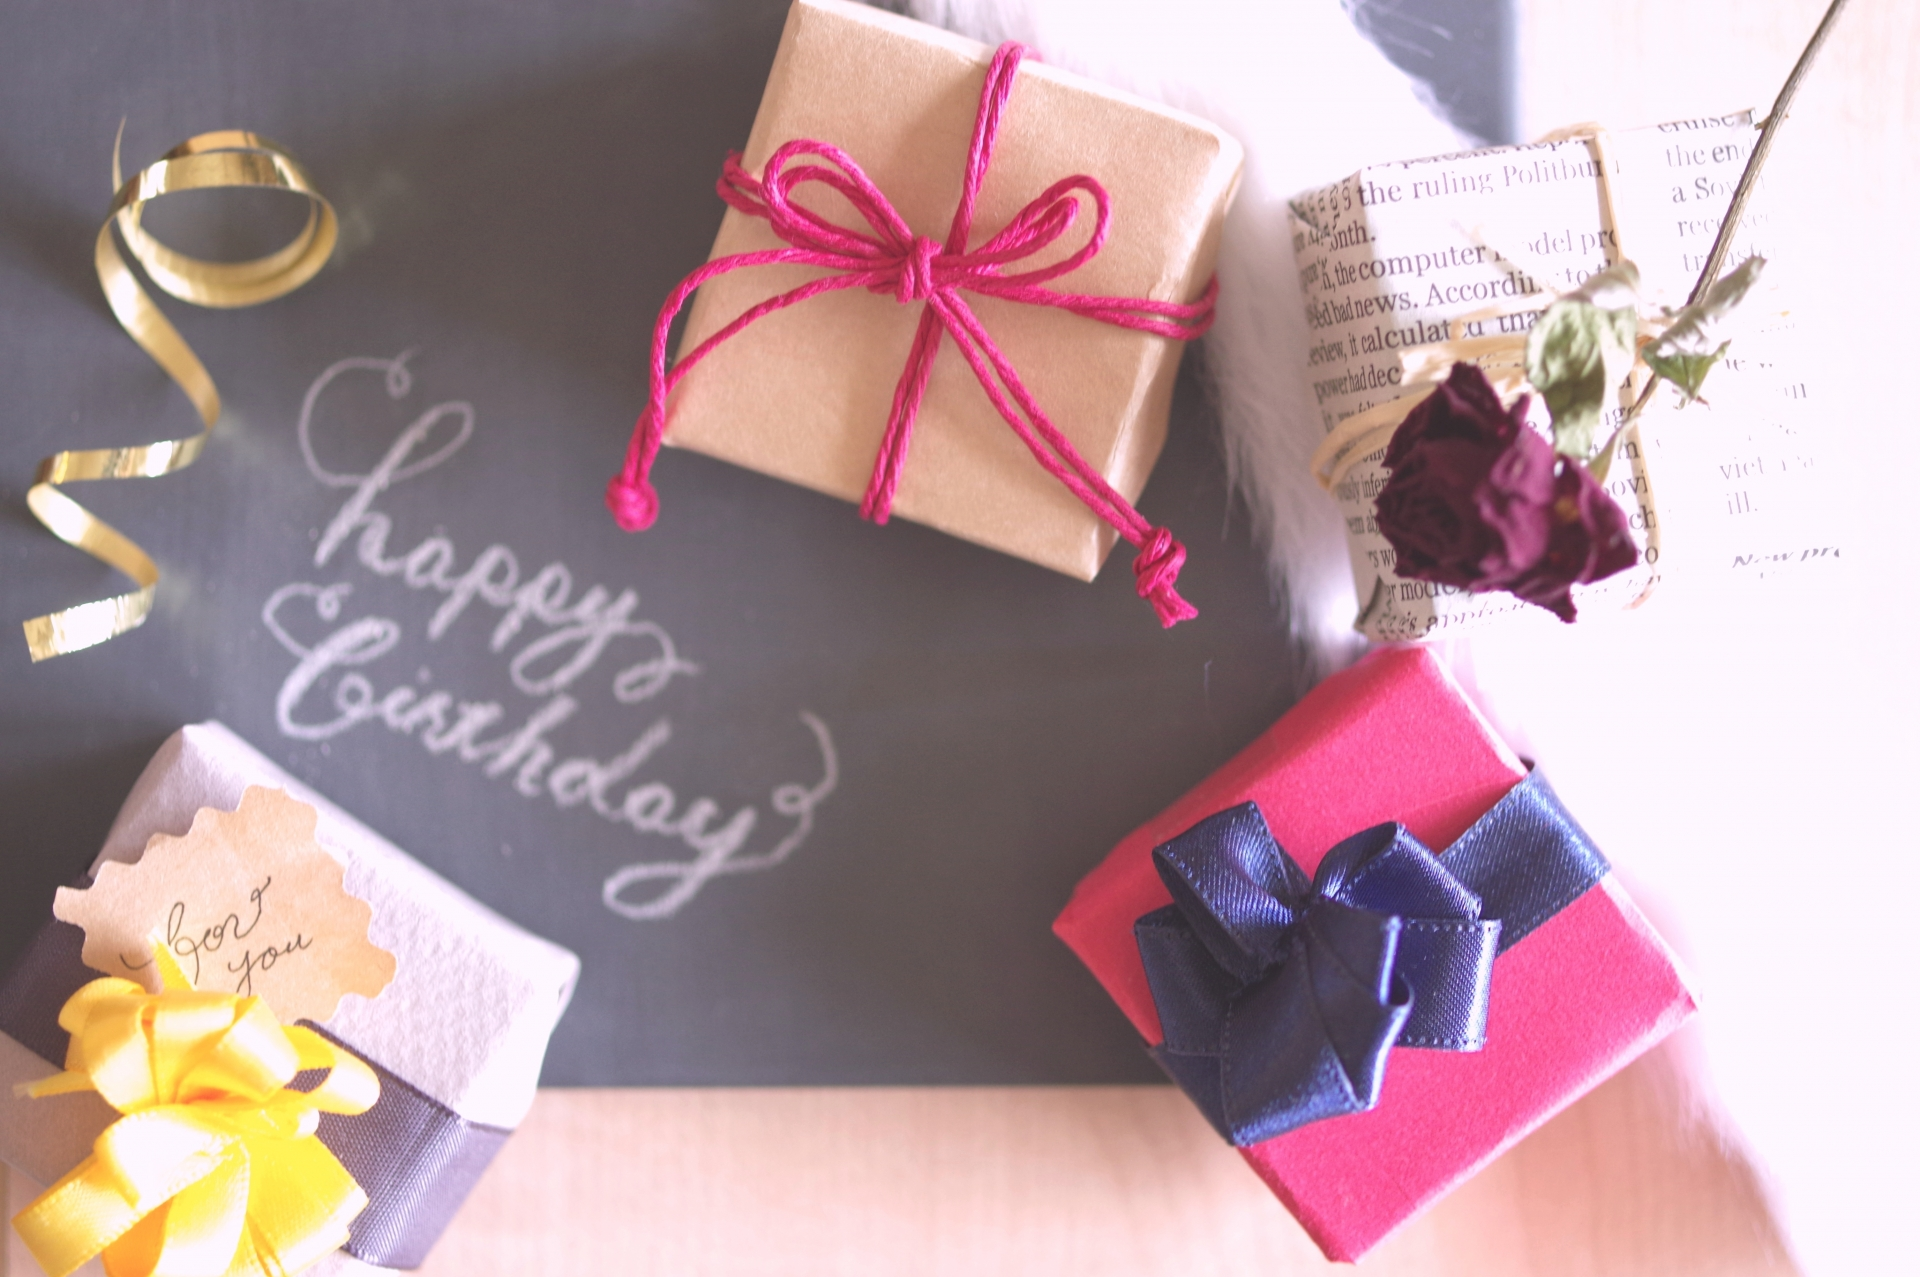 女友達に贈る誕生日プレゼントおすすめ30選!時計やブランケットも